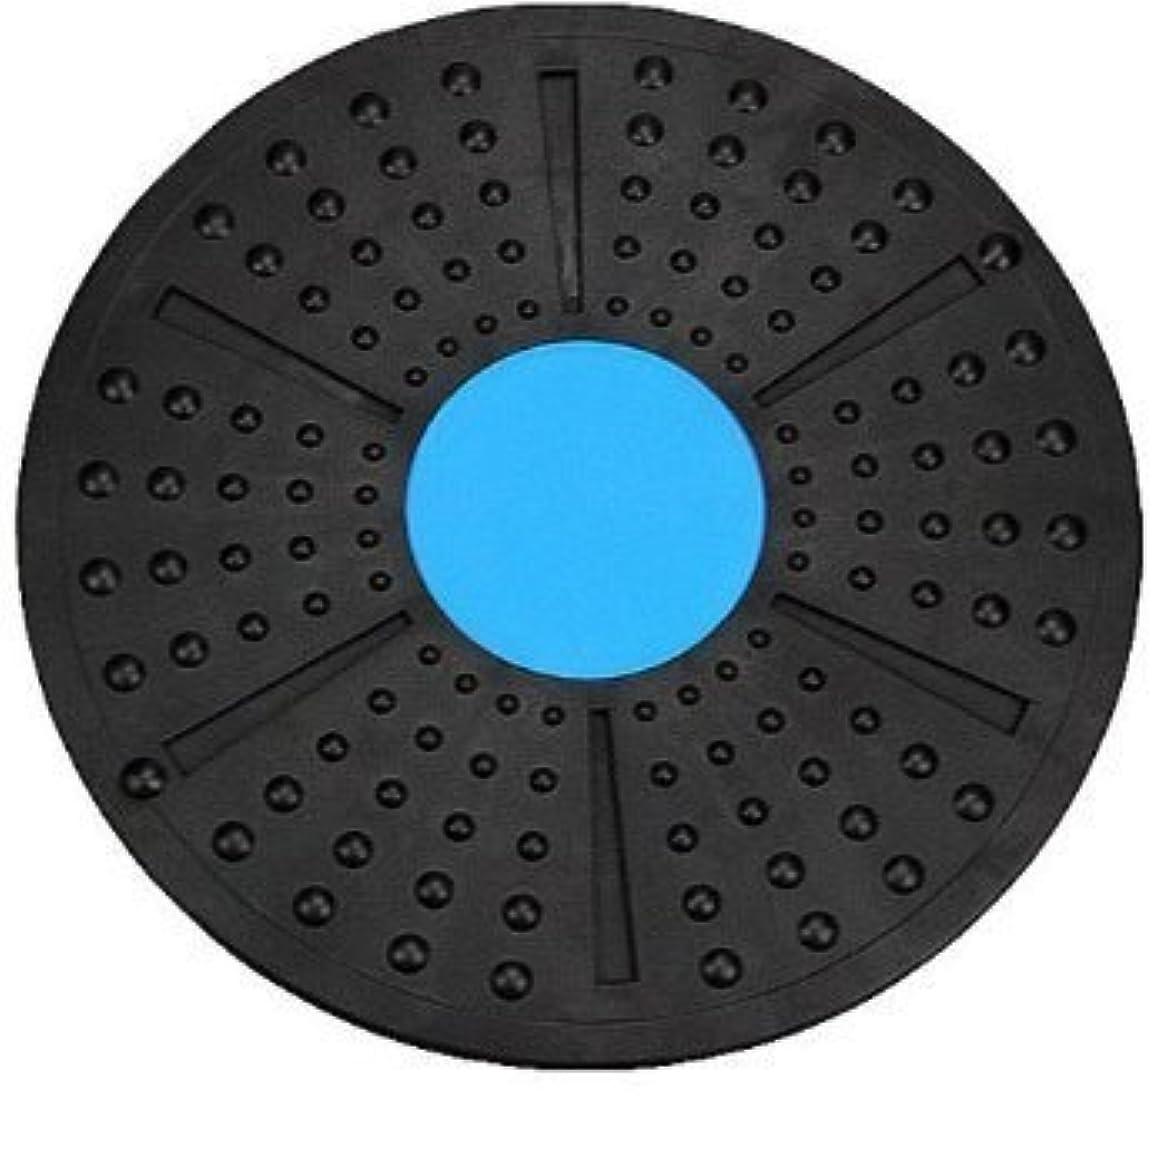 怪しい引き受ける農民体幹トレーニング ダイエット エクササイズ メディカルサポート バランスボード 2色 これ1つで全身運動 (青×黒)